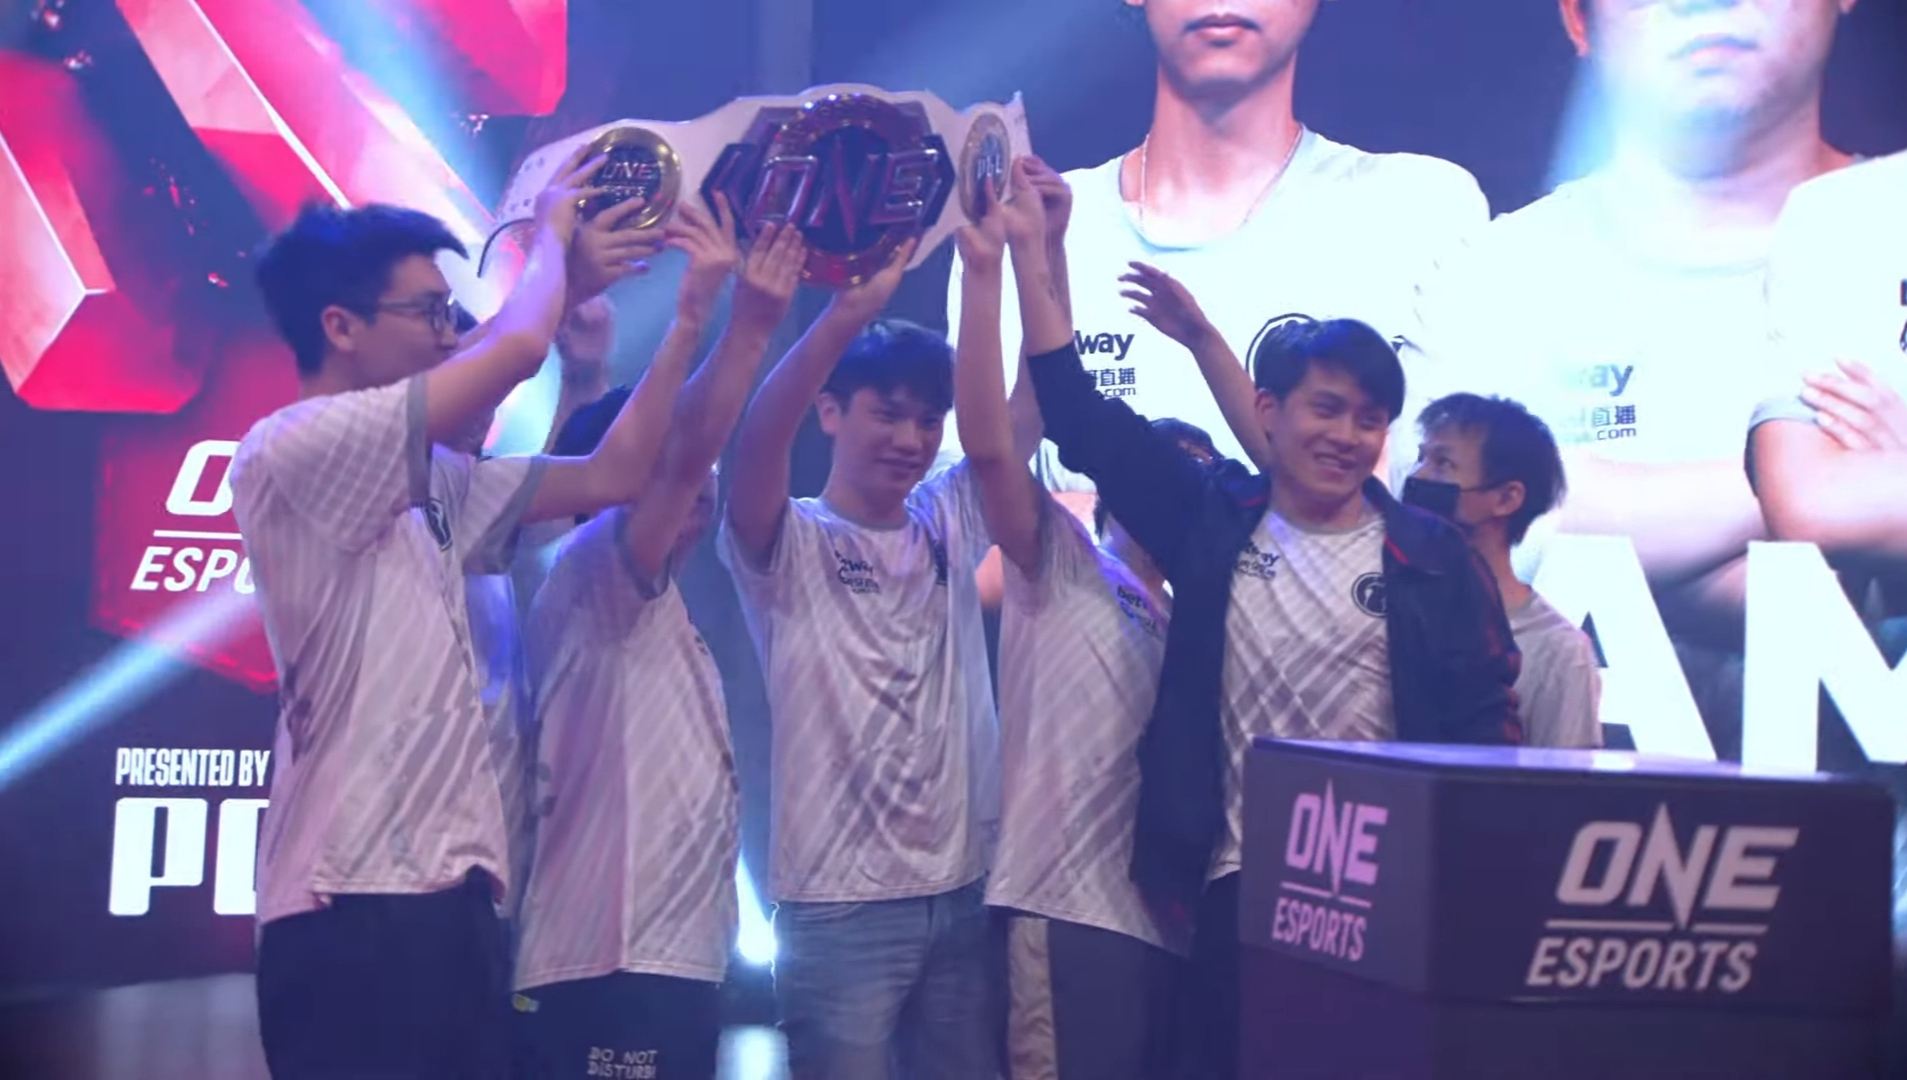 Invictus Gaming muncul juara kejohanan ONE Esports Singapore Major 2021 selepas berjaya menumpaskan pasukan terbaik dari Amerika Syarikat, Evil Geniuses 3-2 dalam perlawanan akhir